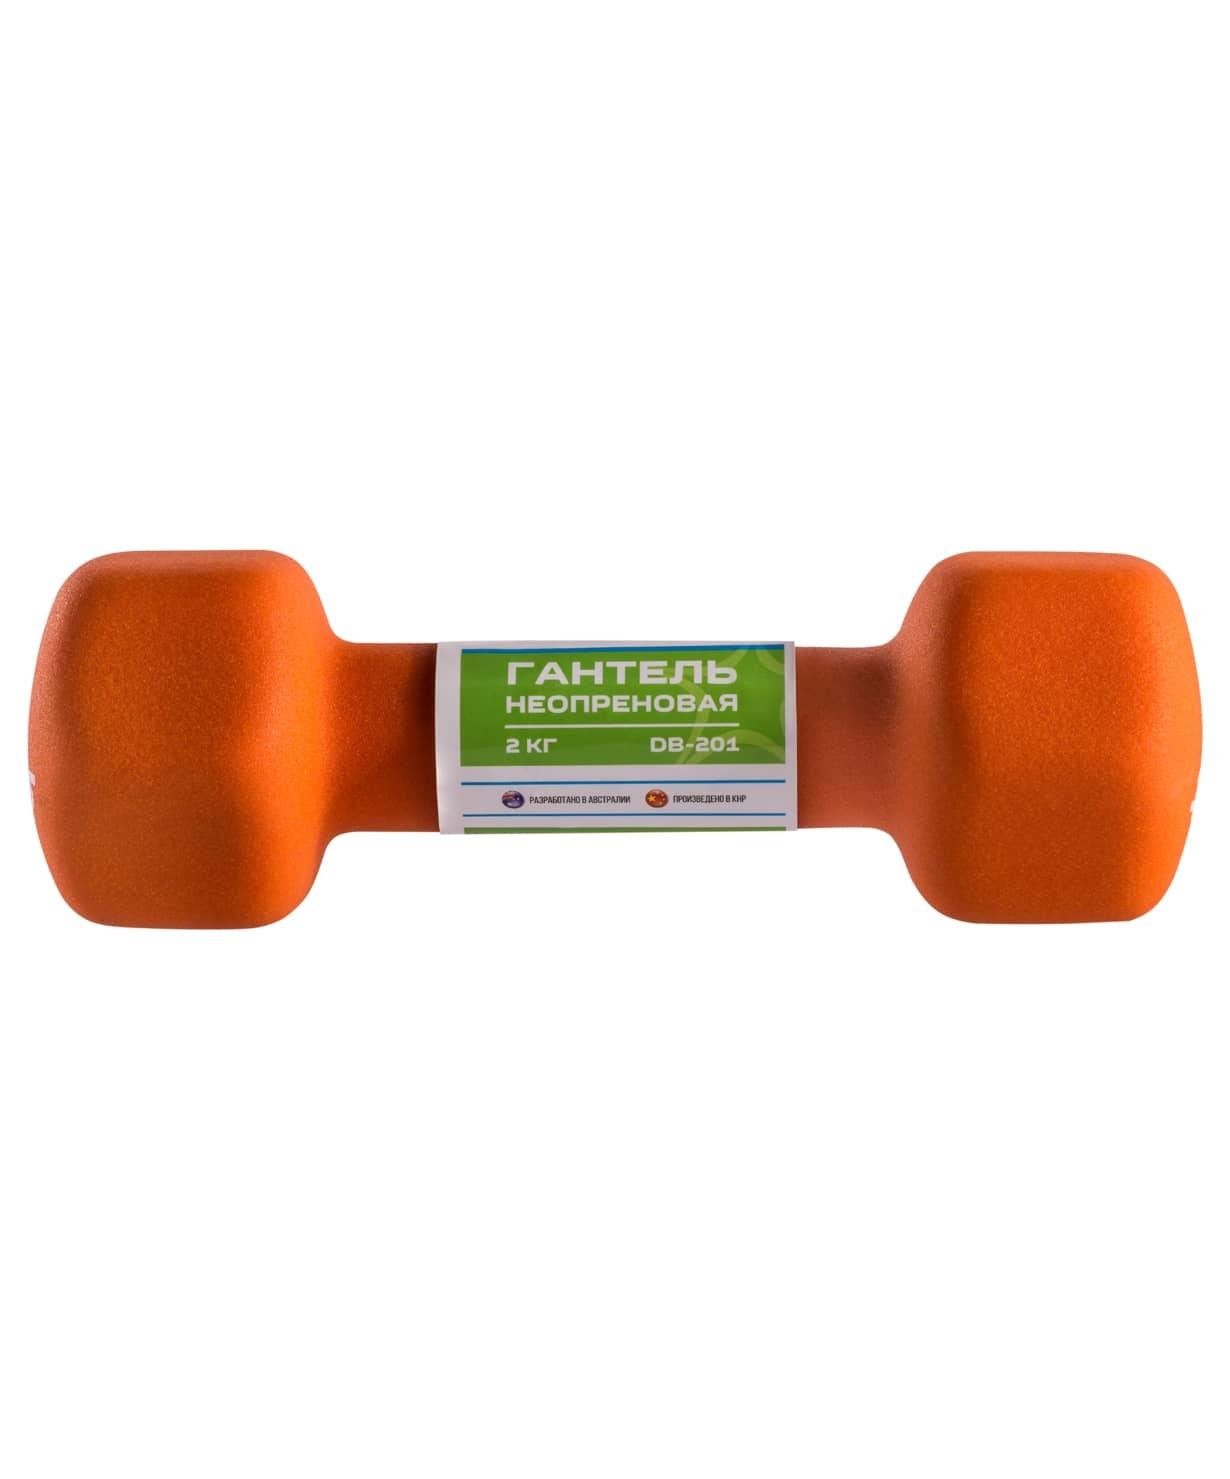 Гантель неопреновая DB-201 2 кг, оранжевая